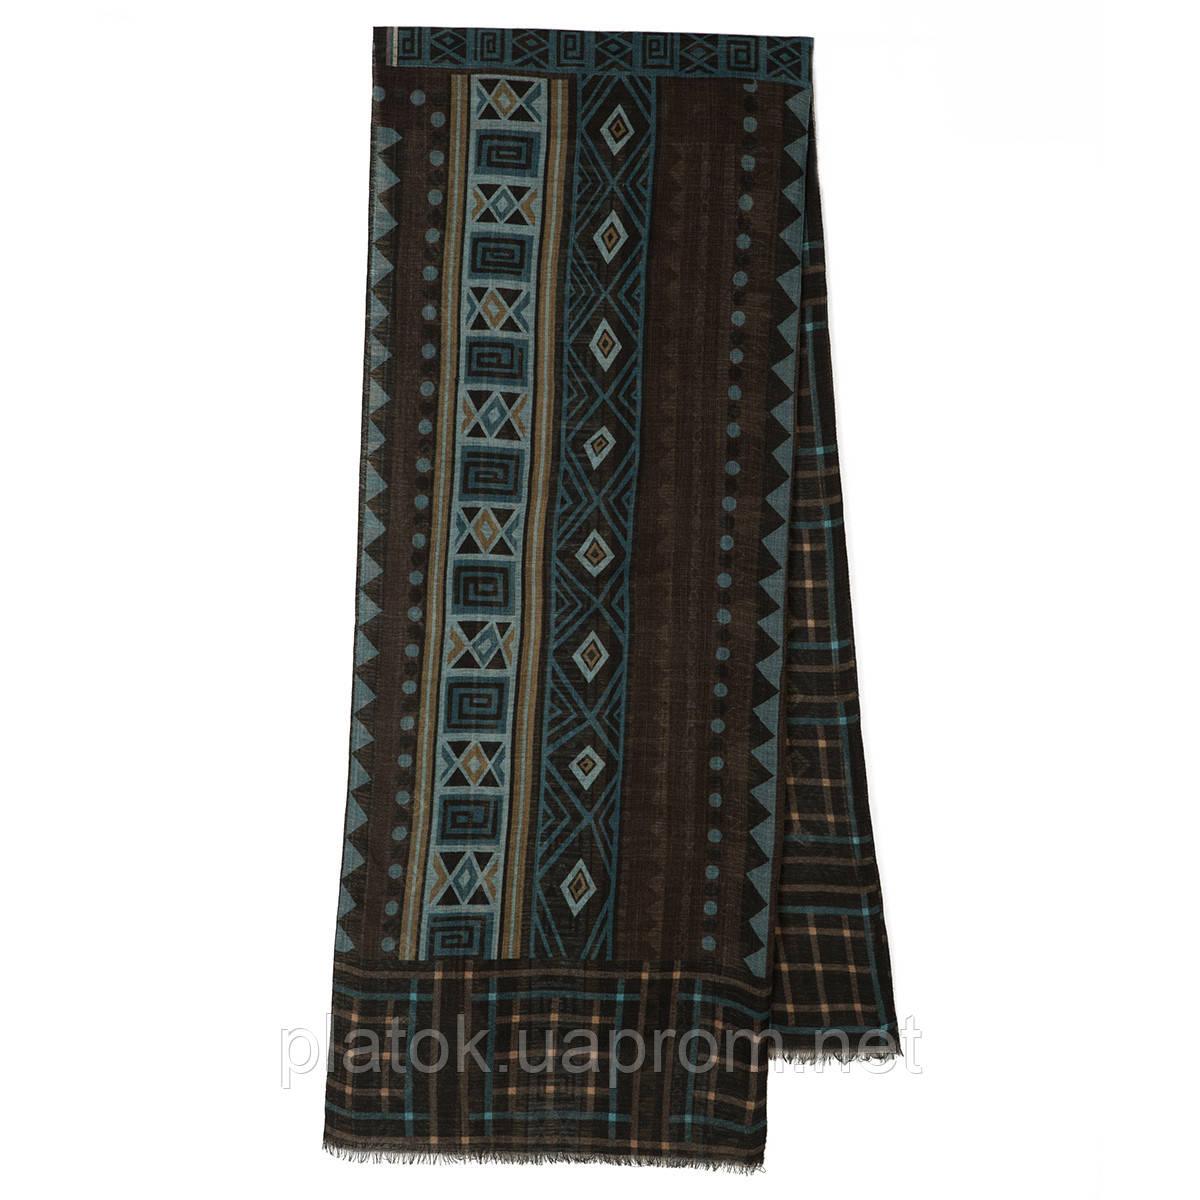 10369-8 кашне мужское разреженная шерсть, павлопосадский шарф (кашне) шерстяной (разреженная шерсть) с осыпкой